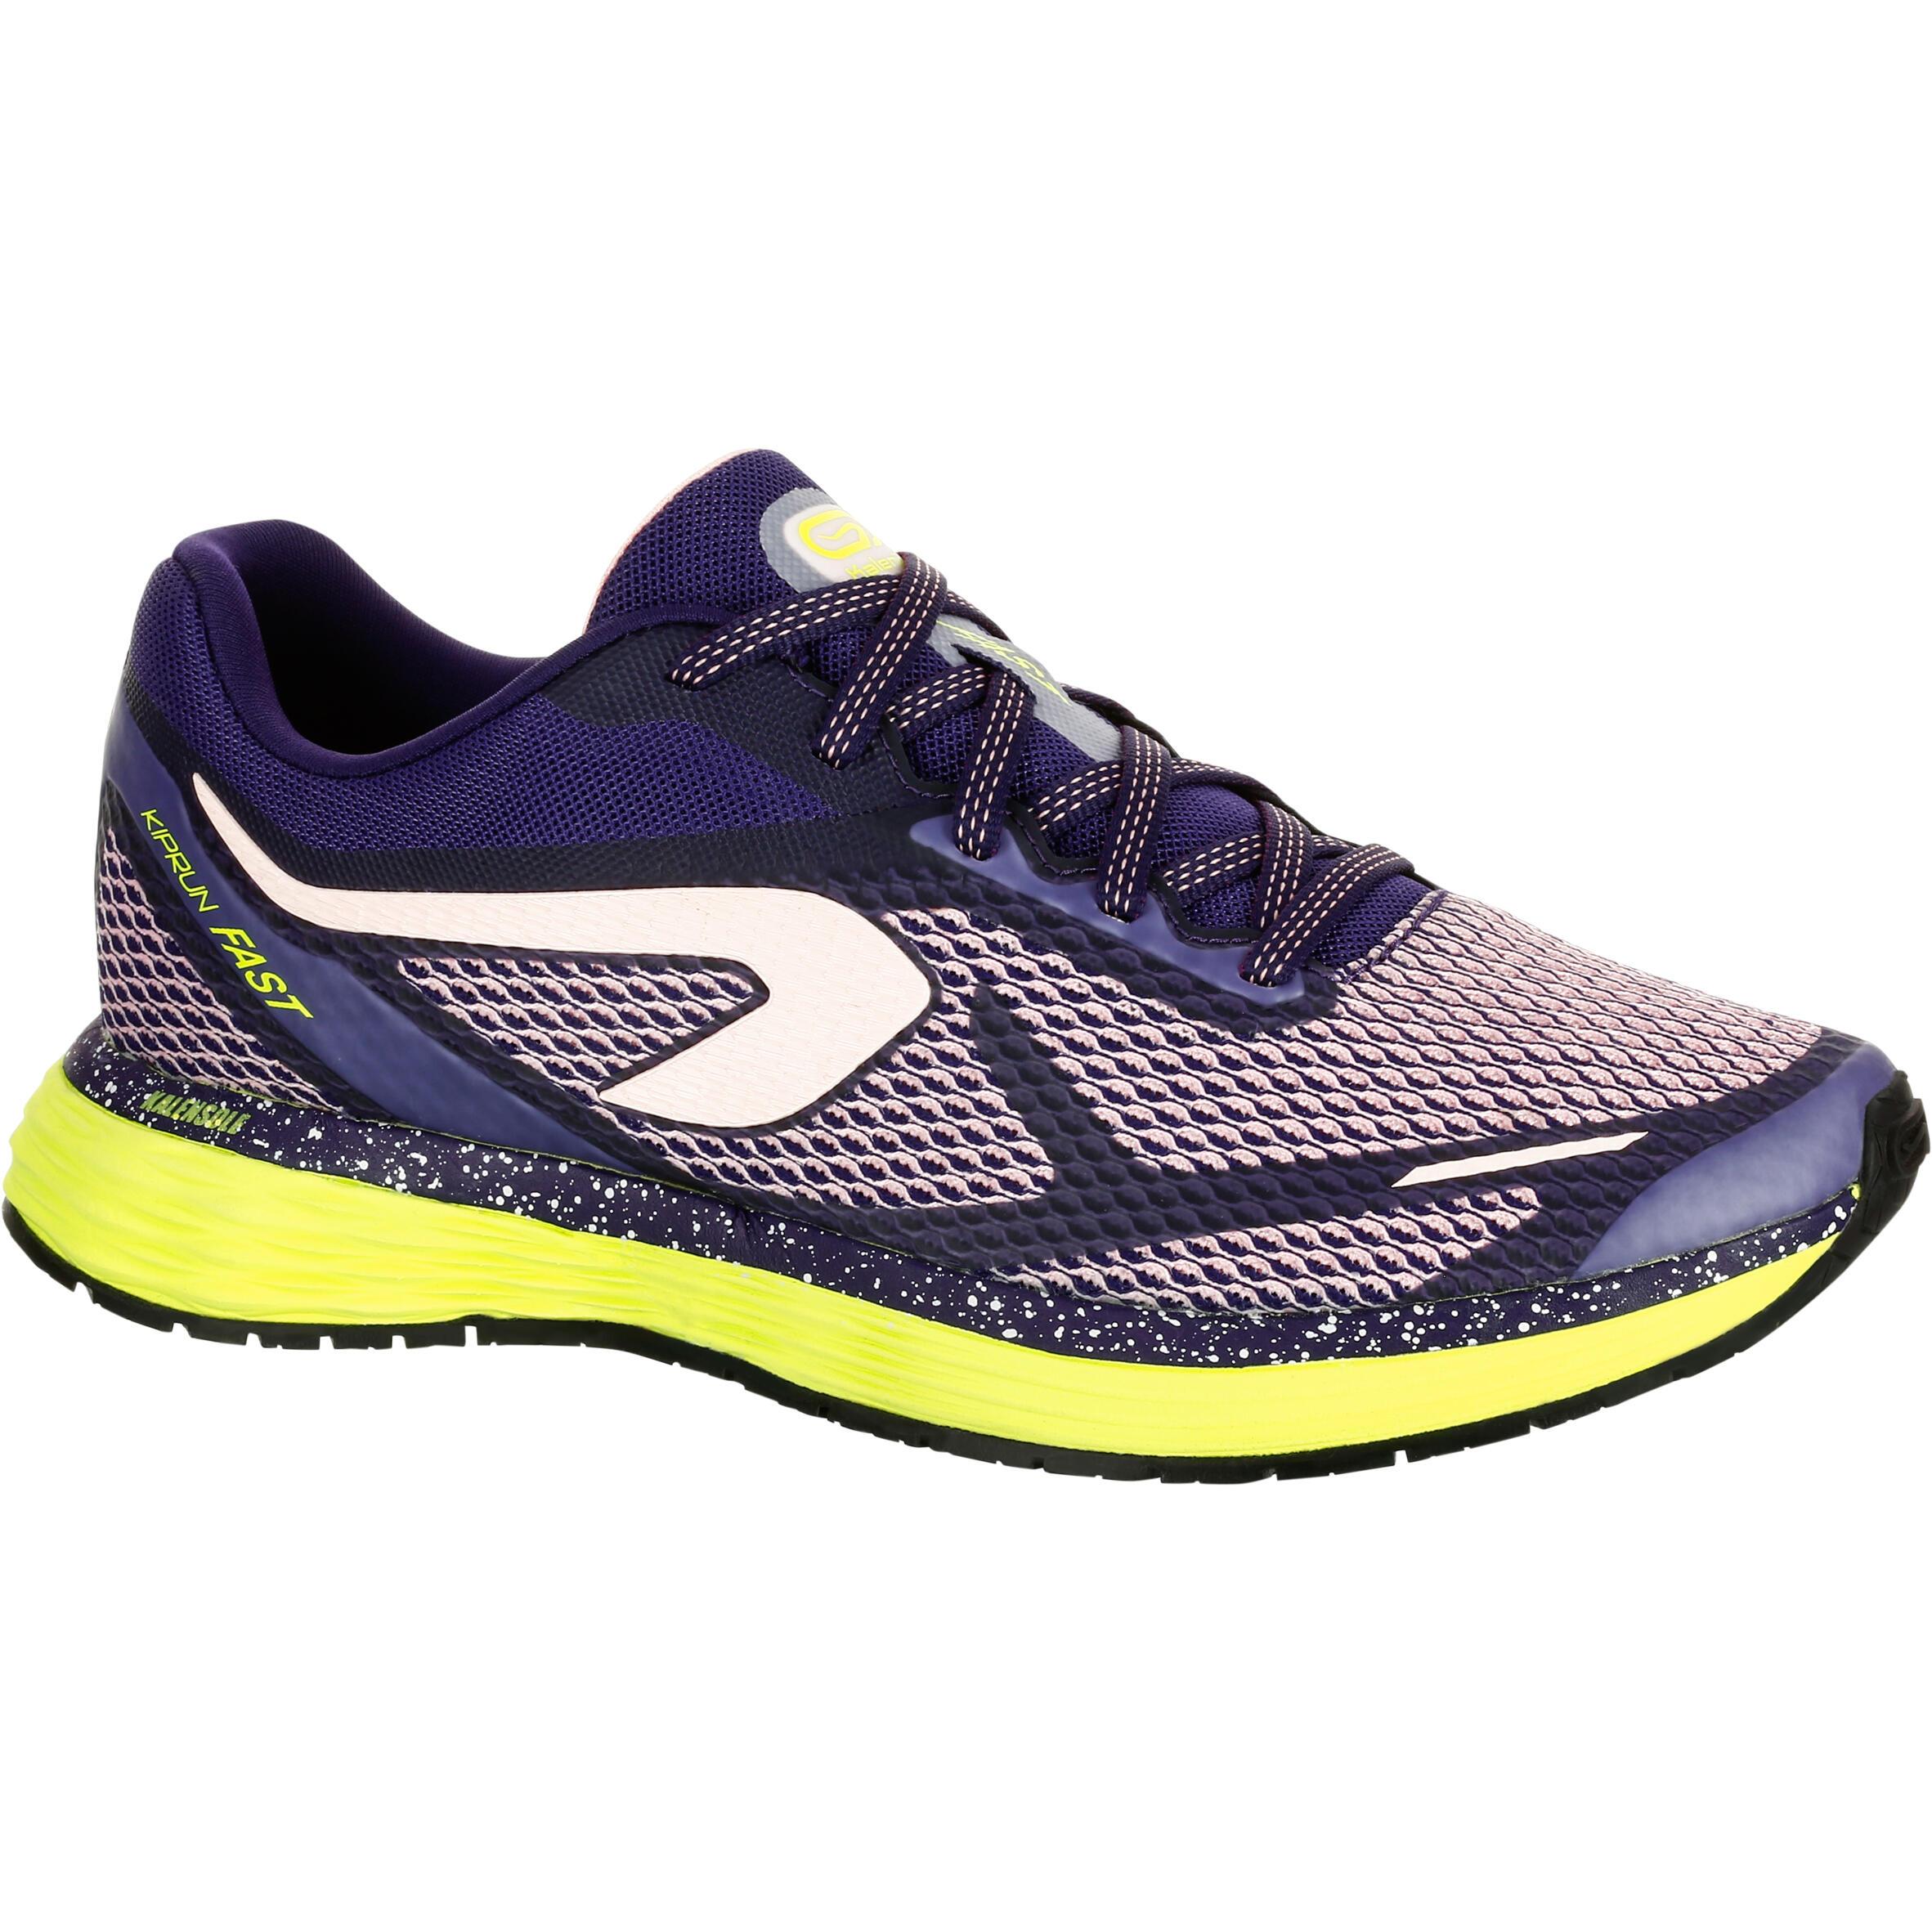 3b1b91f8e Comprar Zapatillas de running para correr mujer